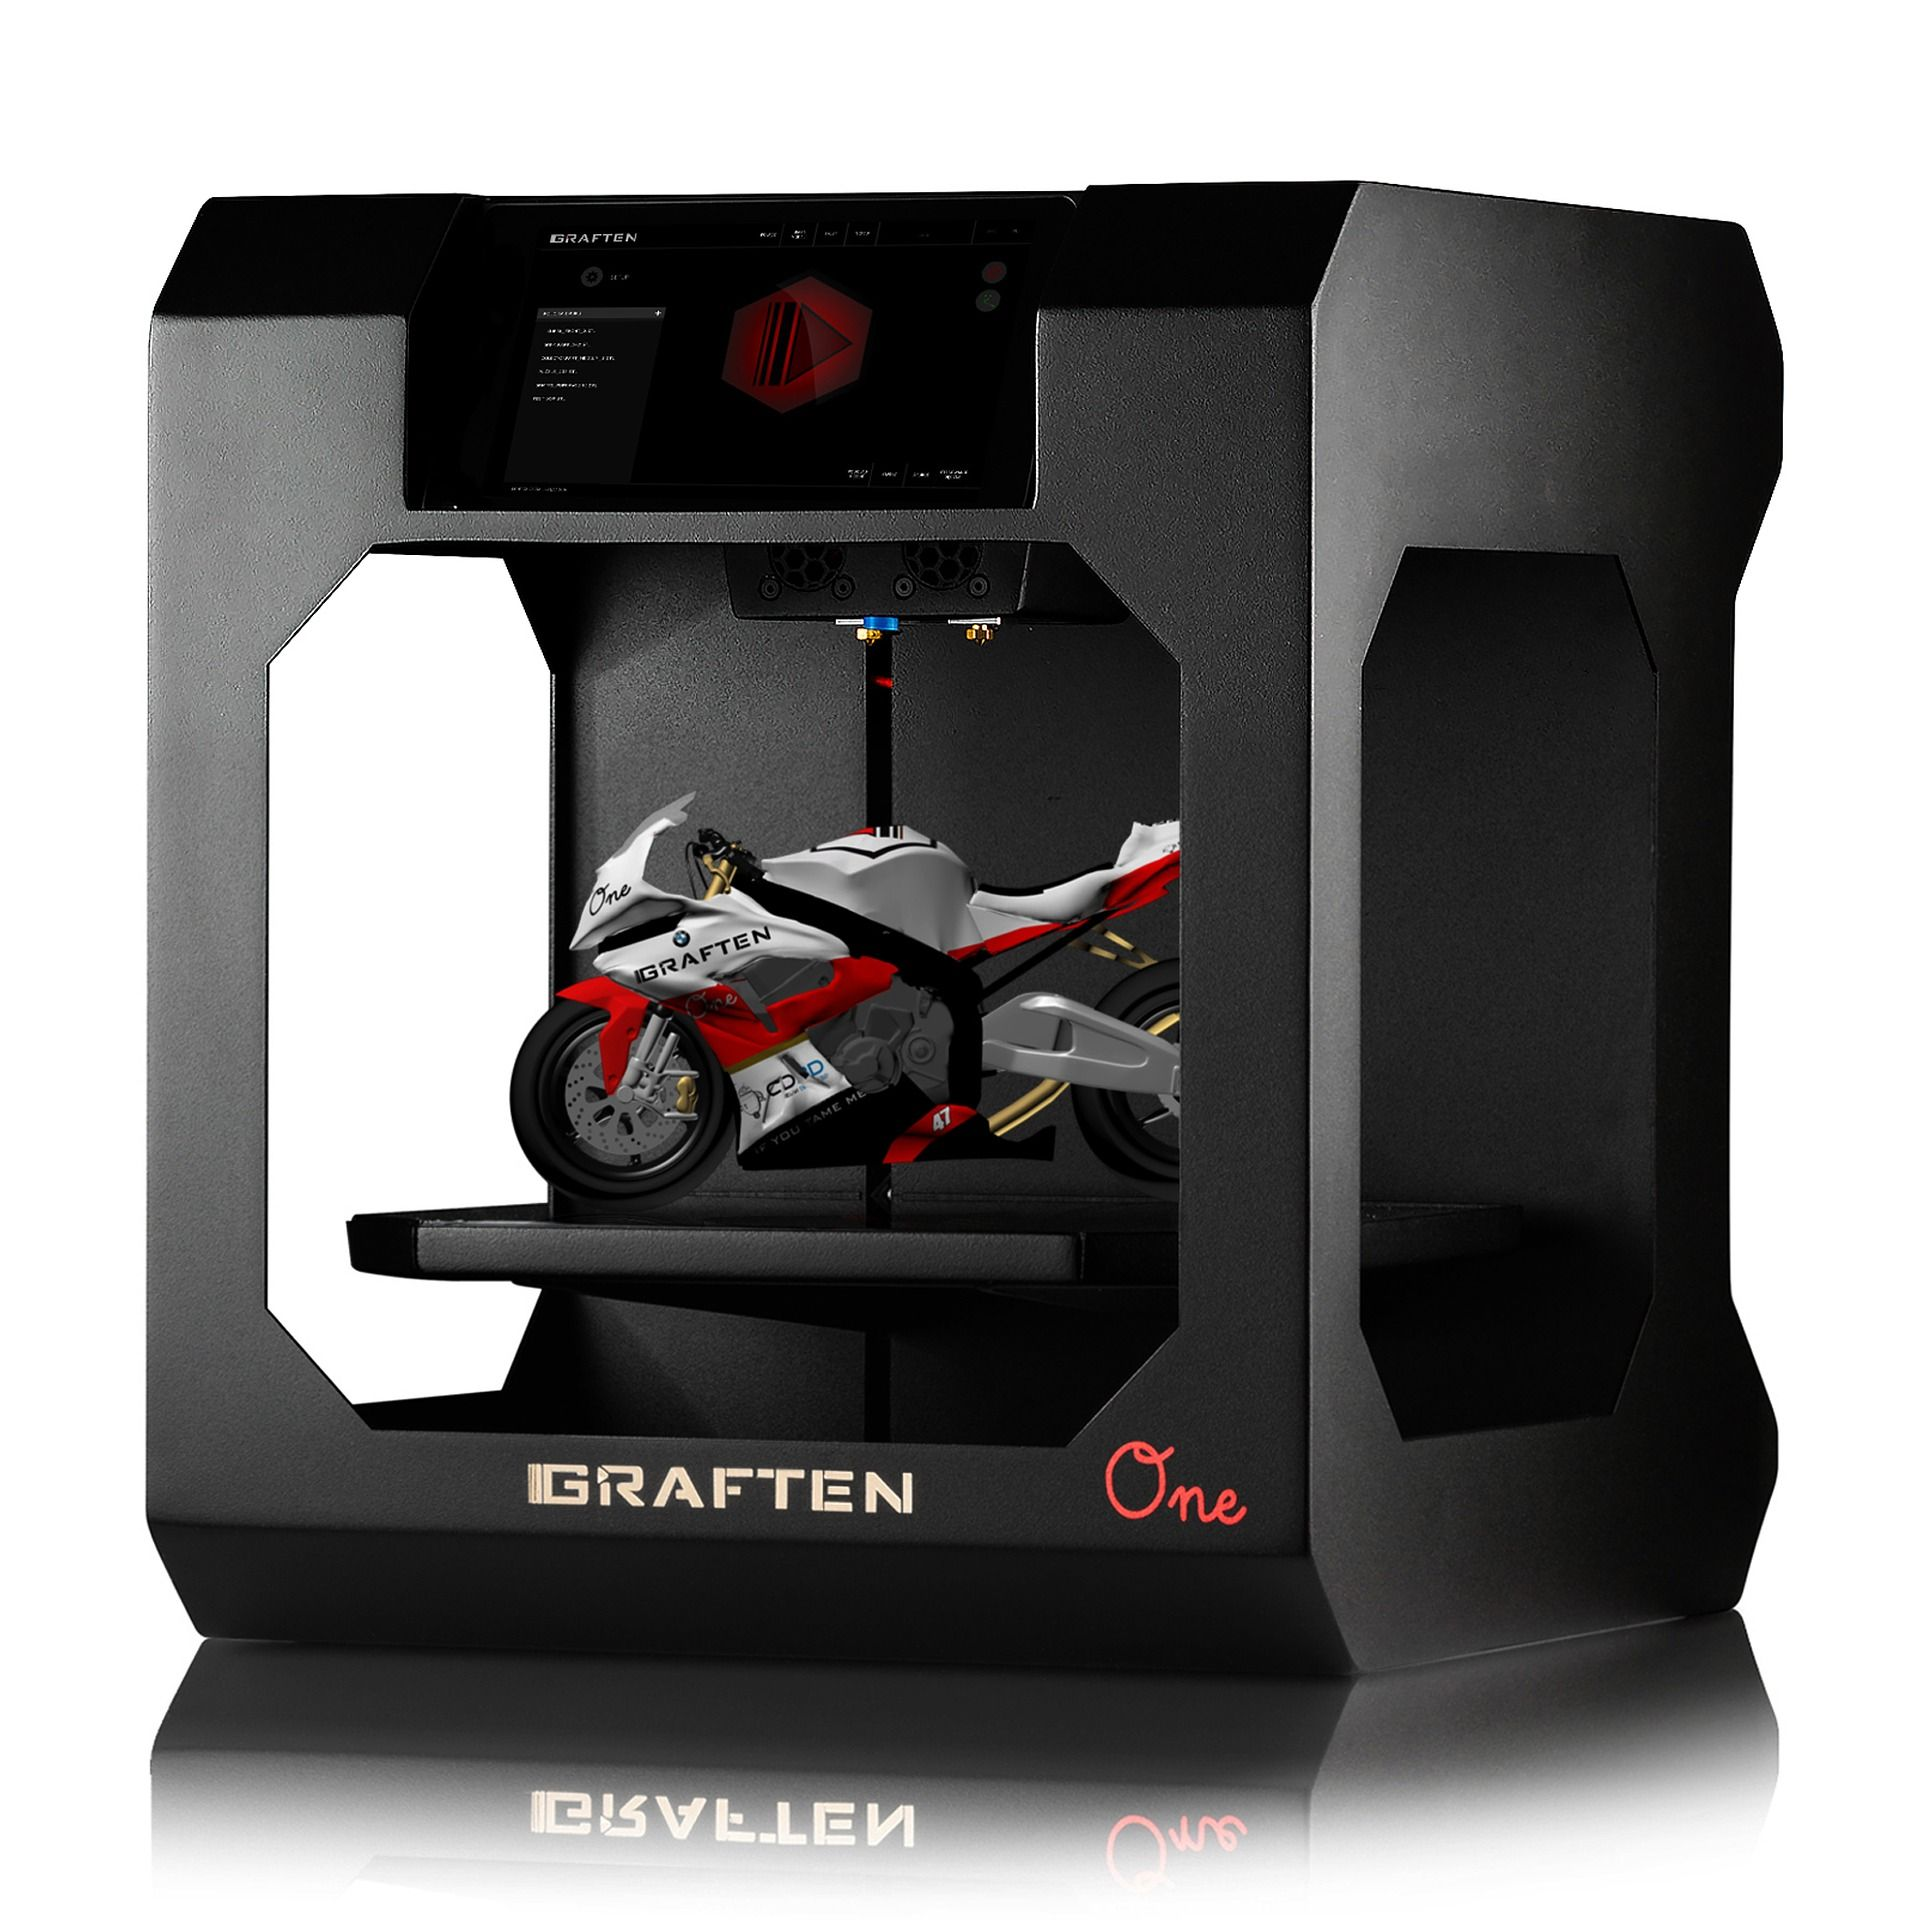 Jetzt 3D Drucker Metall für zuhause kaufen